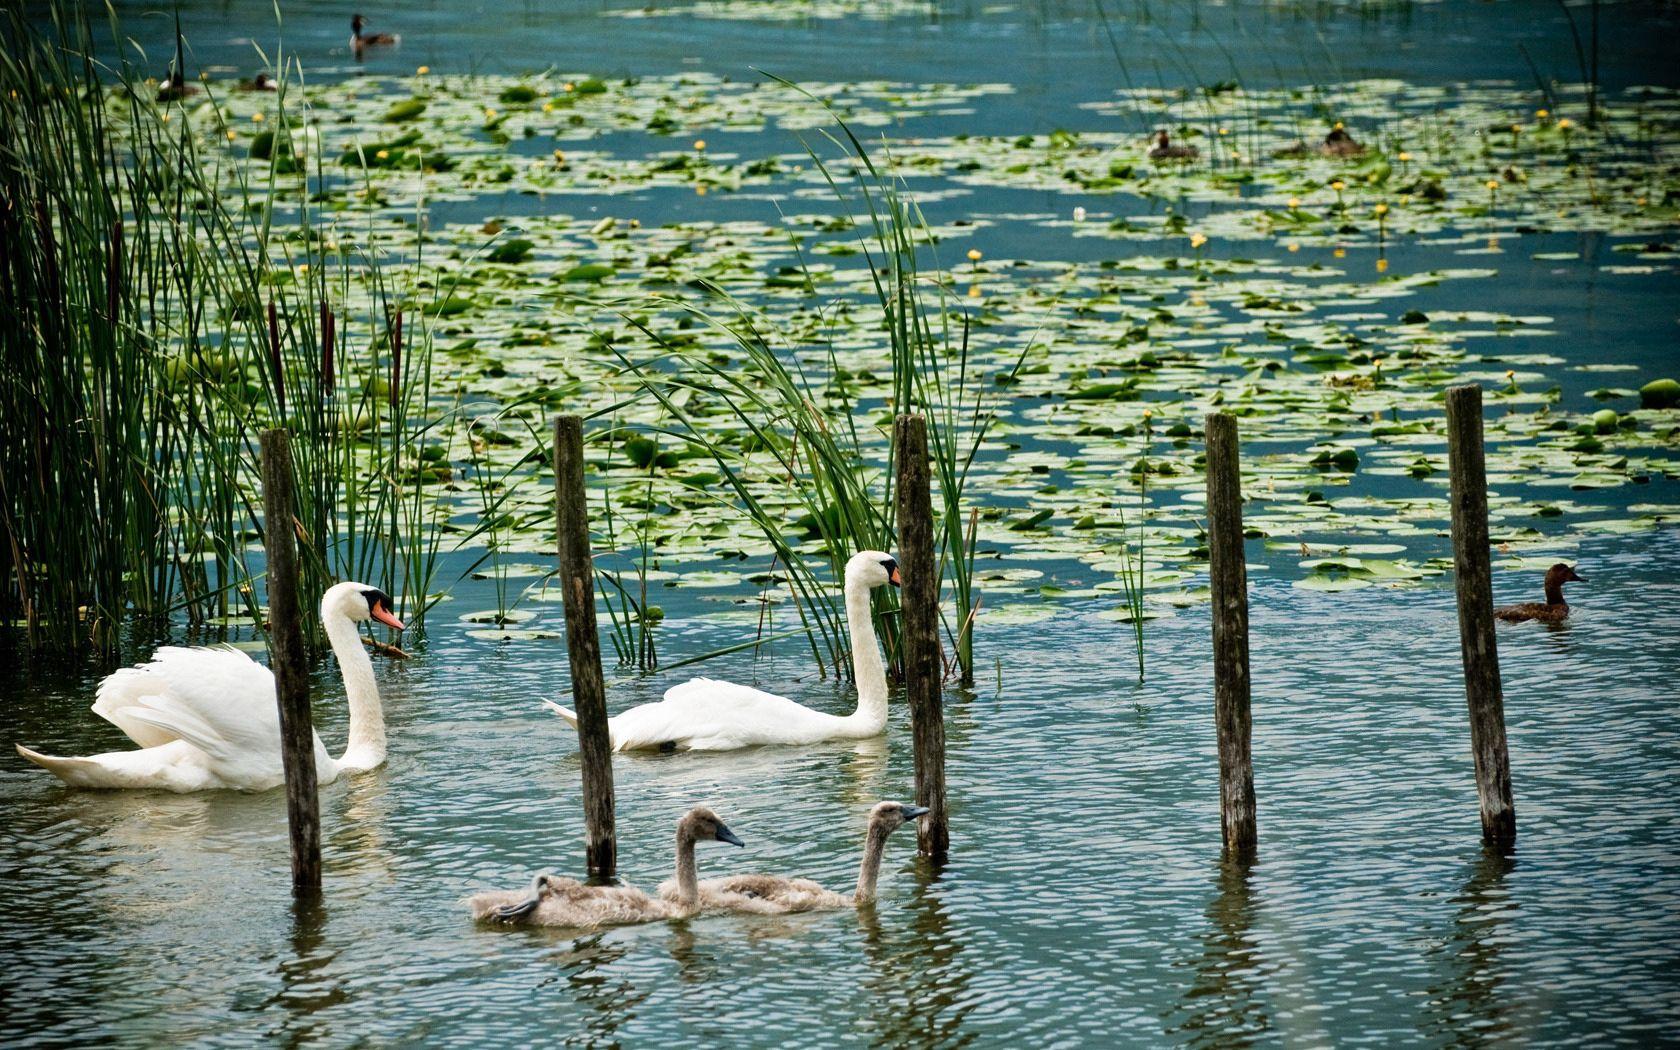 157776 Hintergrundbild herunterladen Tiere, Ducks, Swans, Swamp, See, Grüne, Grünen - Bildschirmschoner und Bilder kostenlos